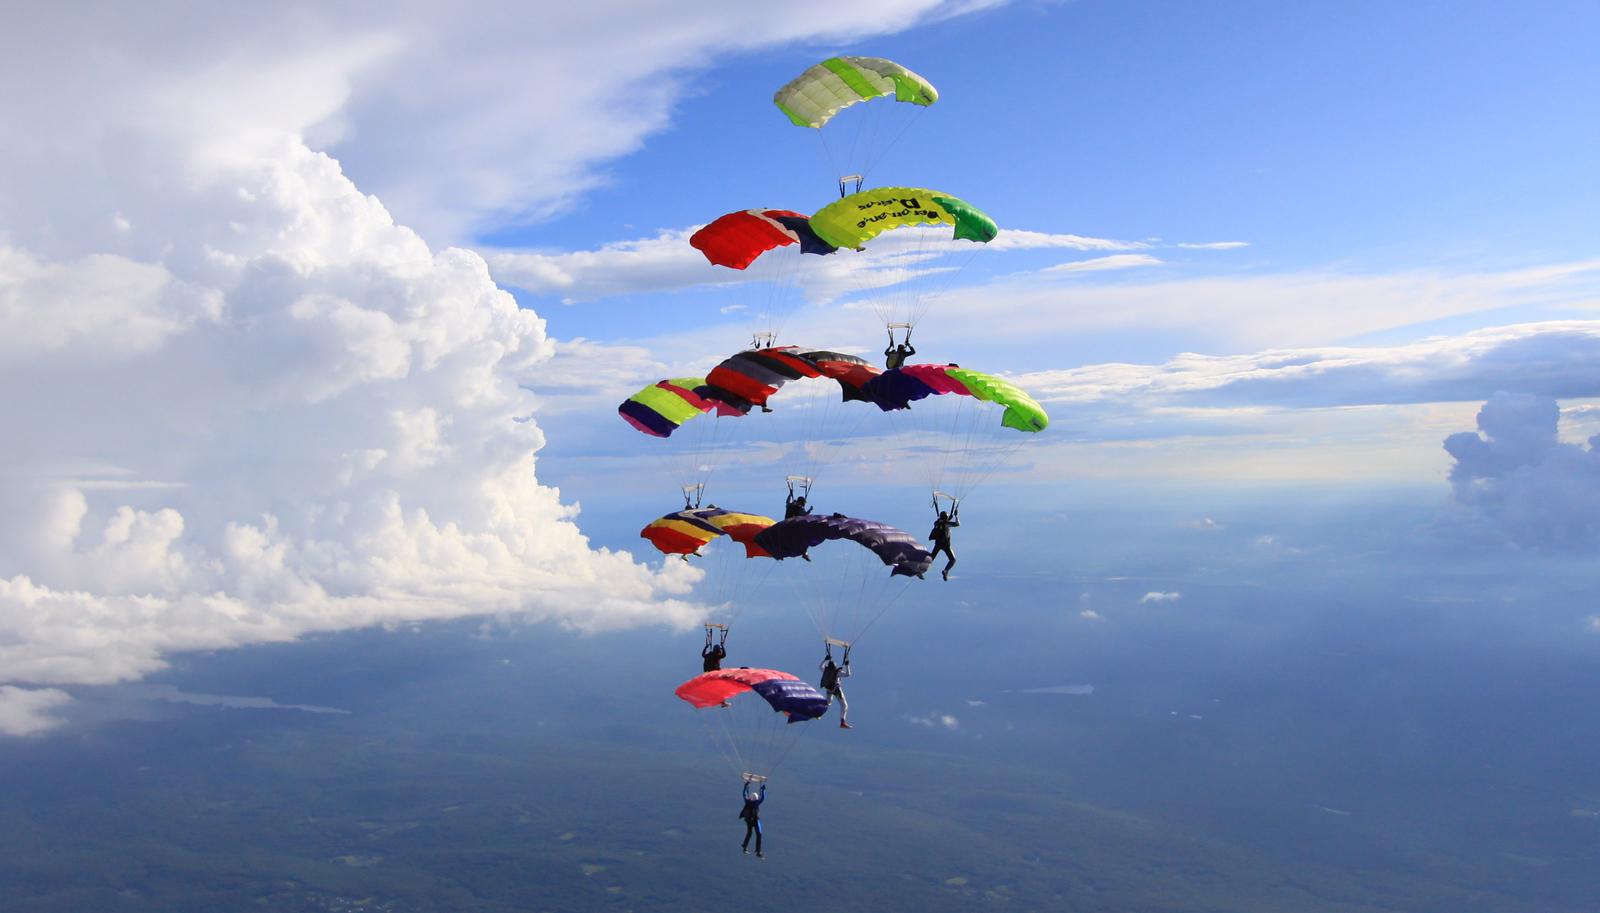 """<a href=""""http://www.skydivingstills.com/photos/i-CzgPmvD/0/X3/i-CzgPmvD-X3.jpg"""">http://www.skydivingstills.com/photos/i-CzgPmvD/0/X3/i-CzgPmvD-X3.jpg</a>"""